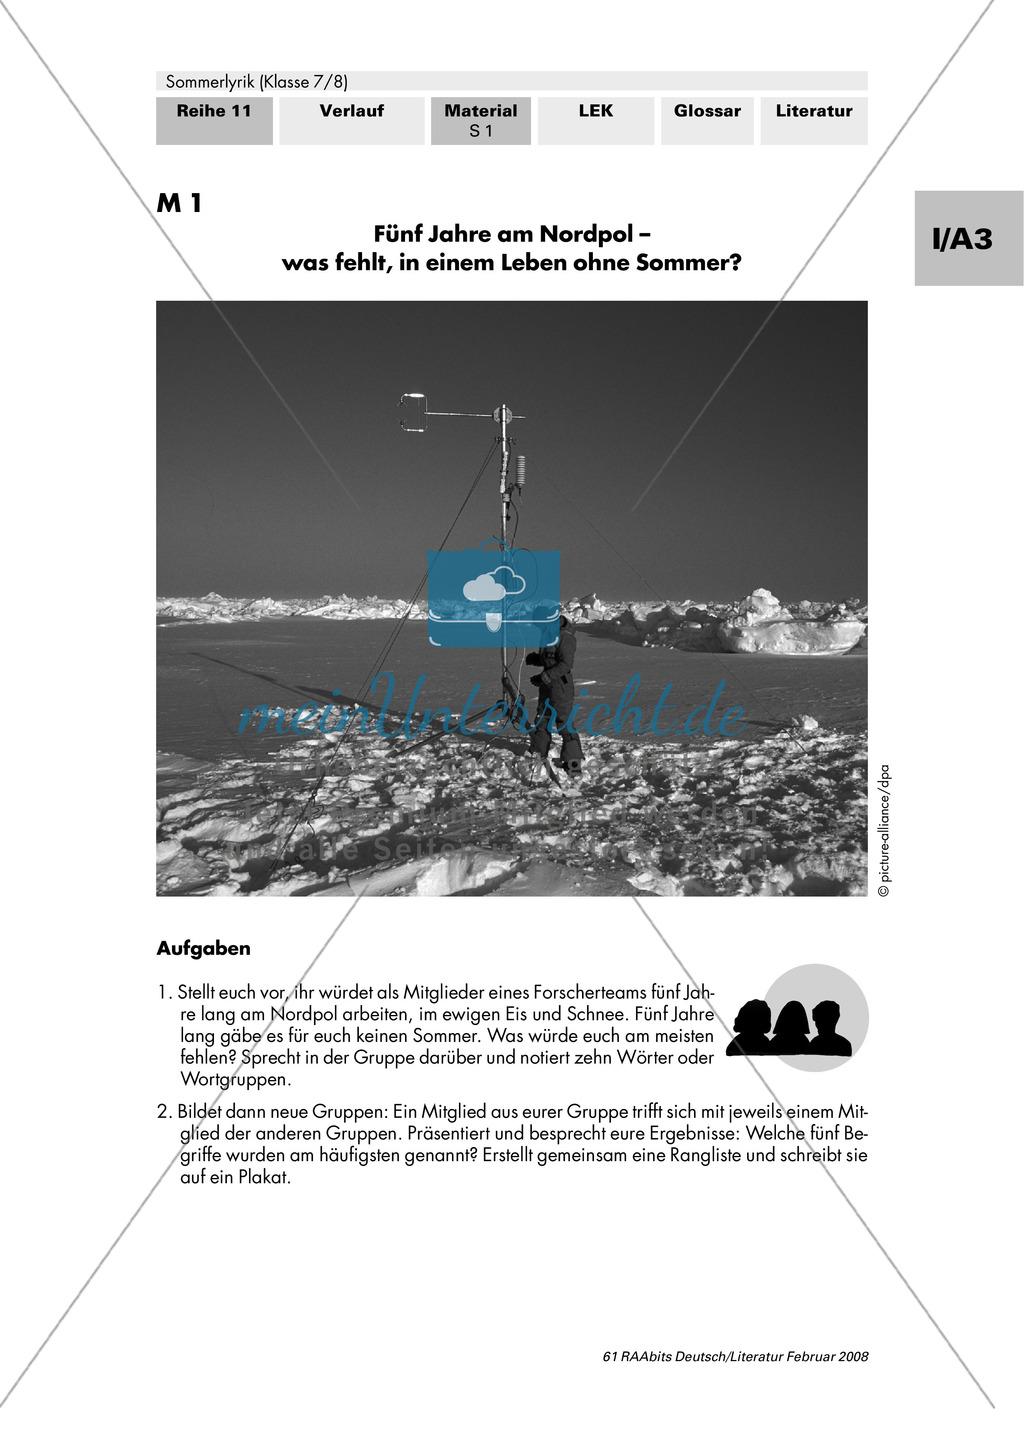 Sommerlyrik: Einführung in das Thema - Fachbegriffe zur Analyse von Gedichten Preview 0